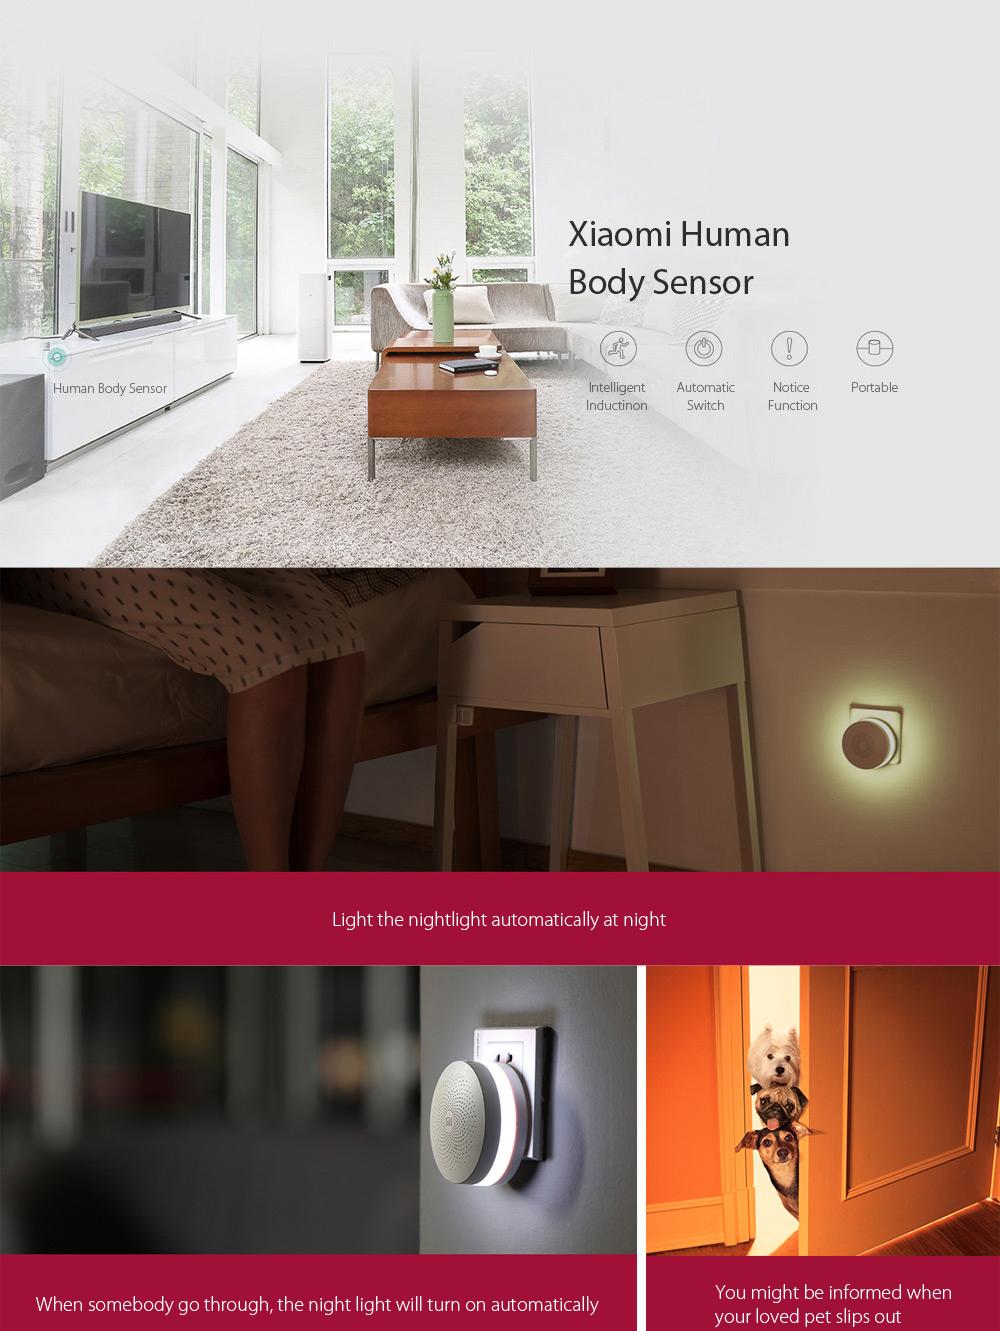 xiaomi-human-body-sensor